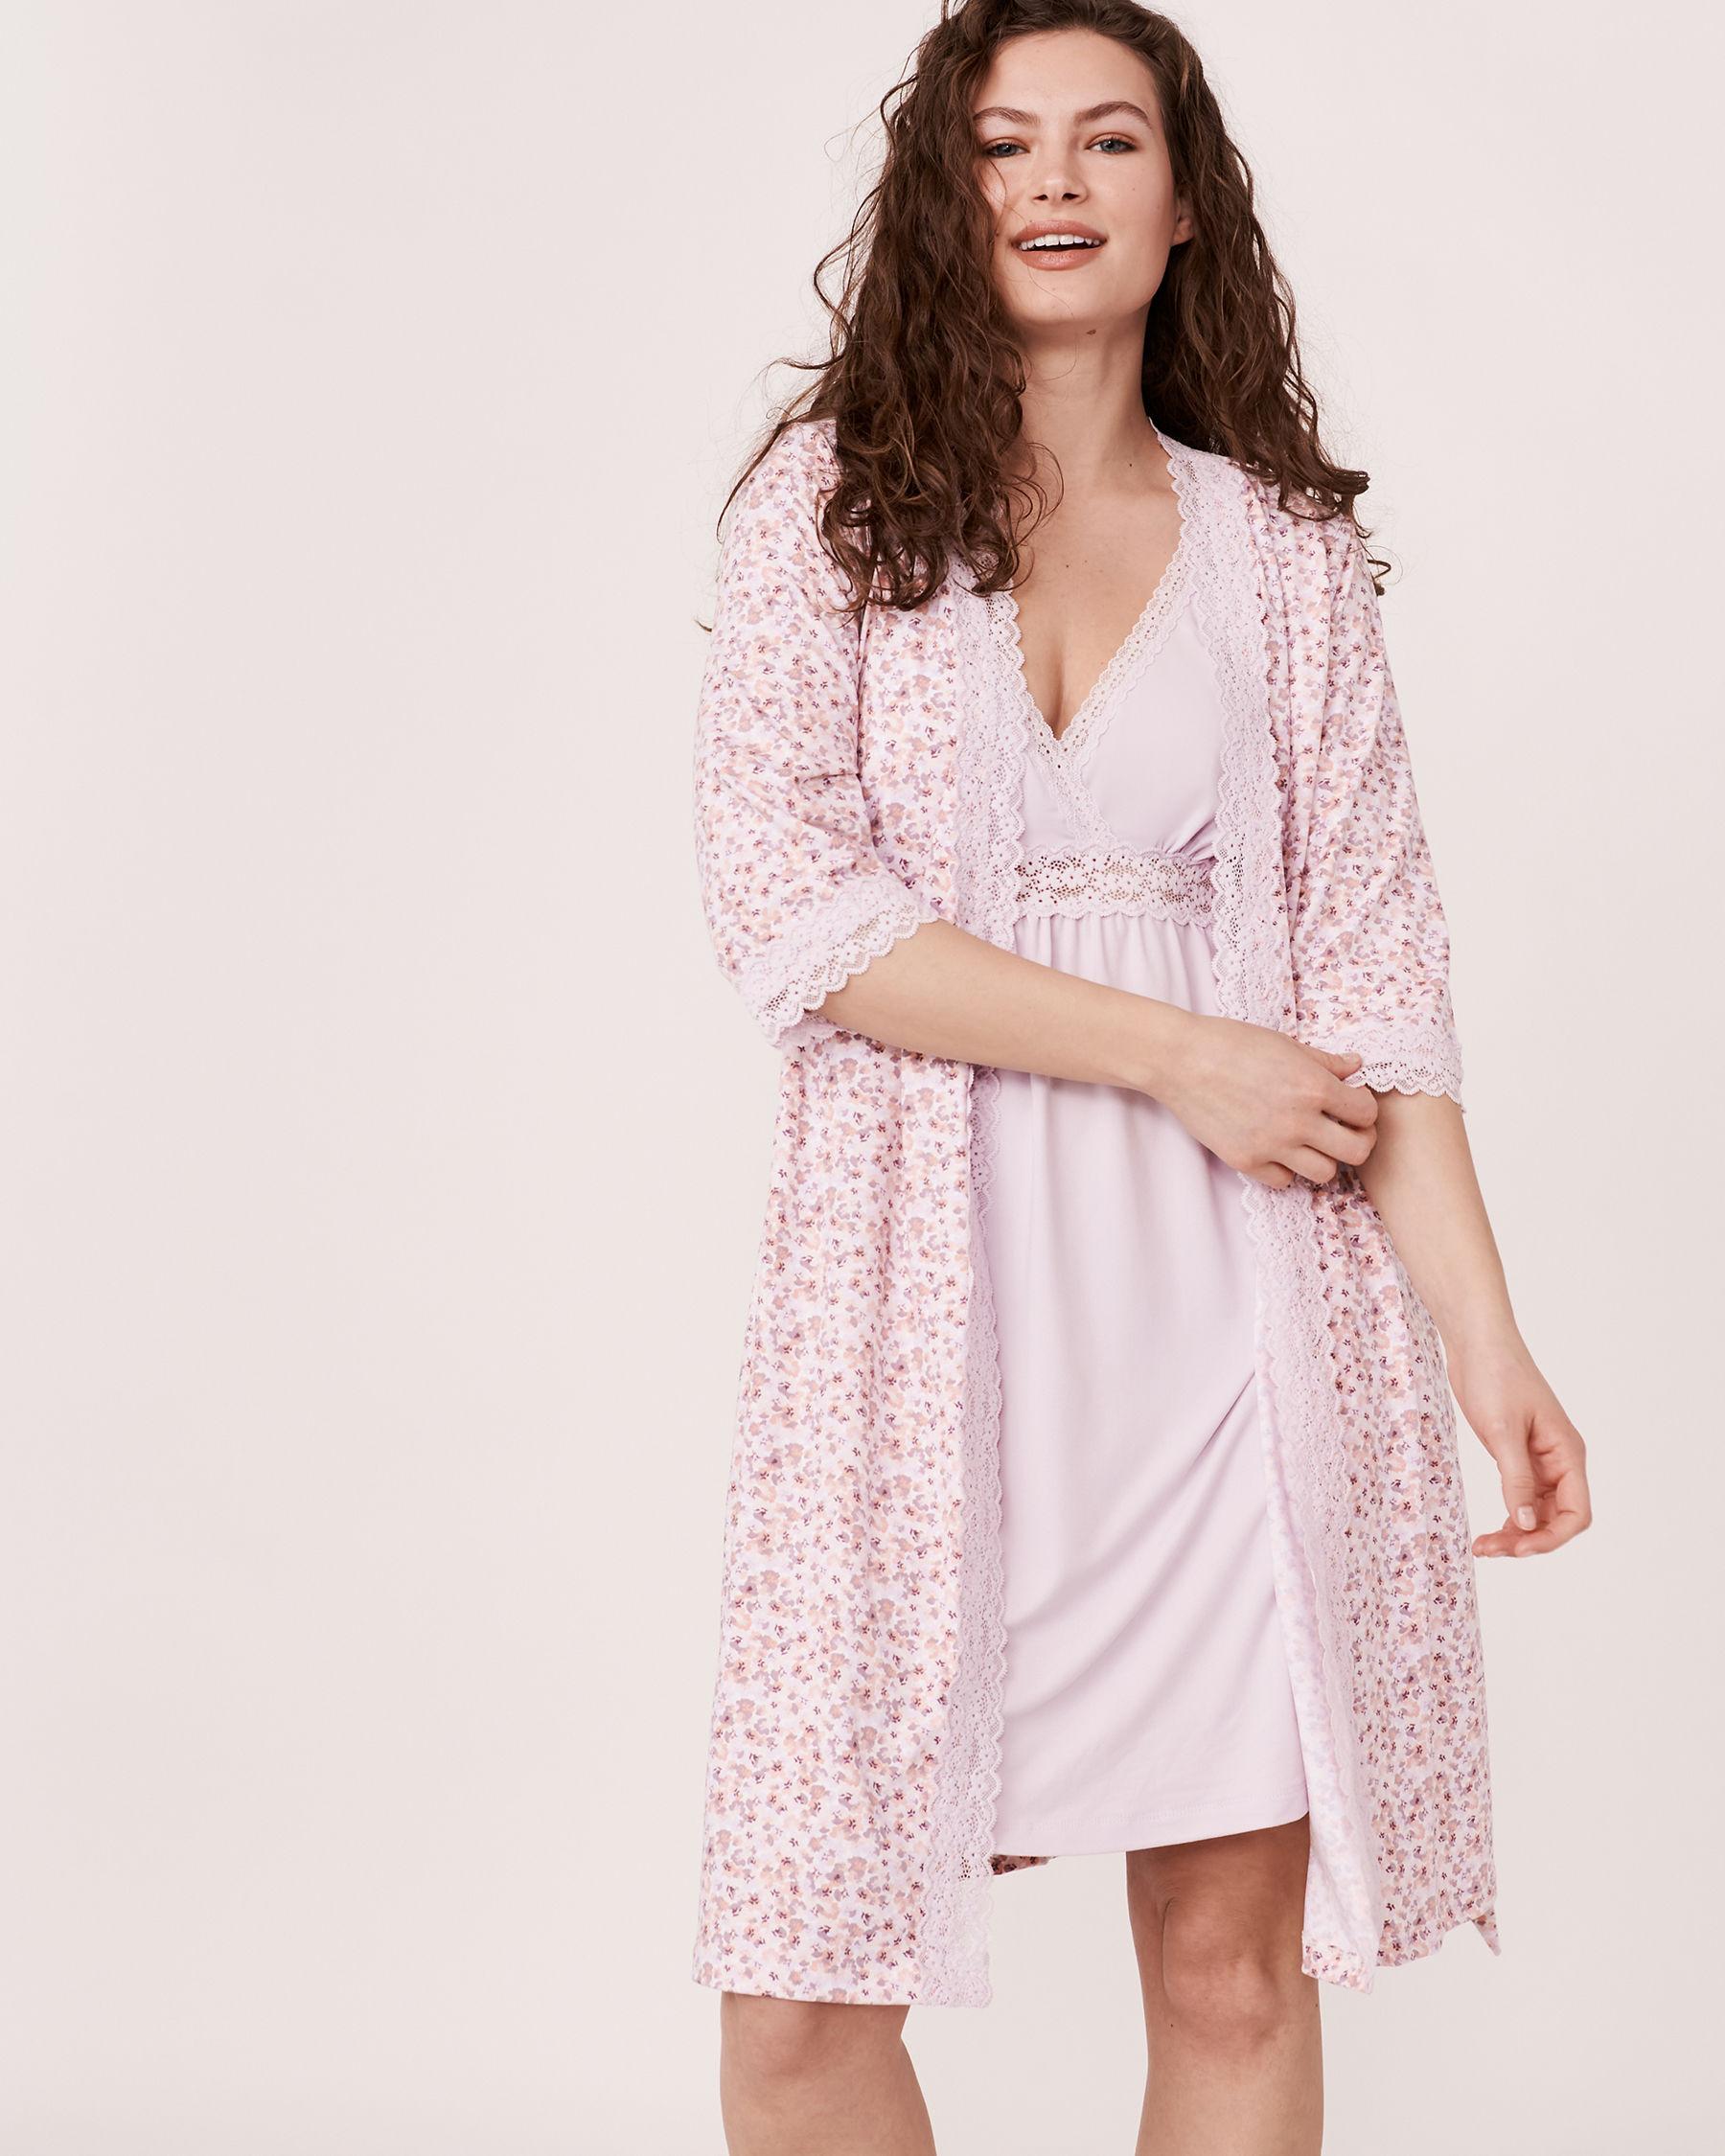 LA VIE EN ROSE Lace Trim Kimono Ditsy floral 40600012 - View1